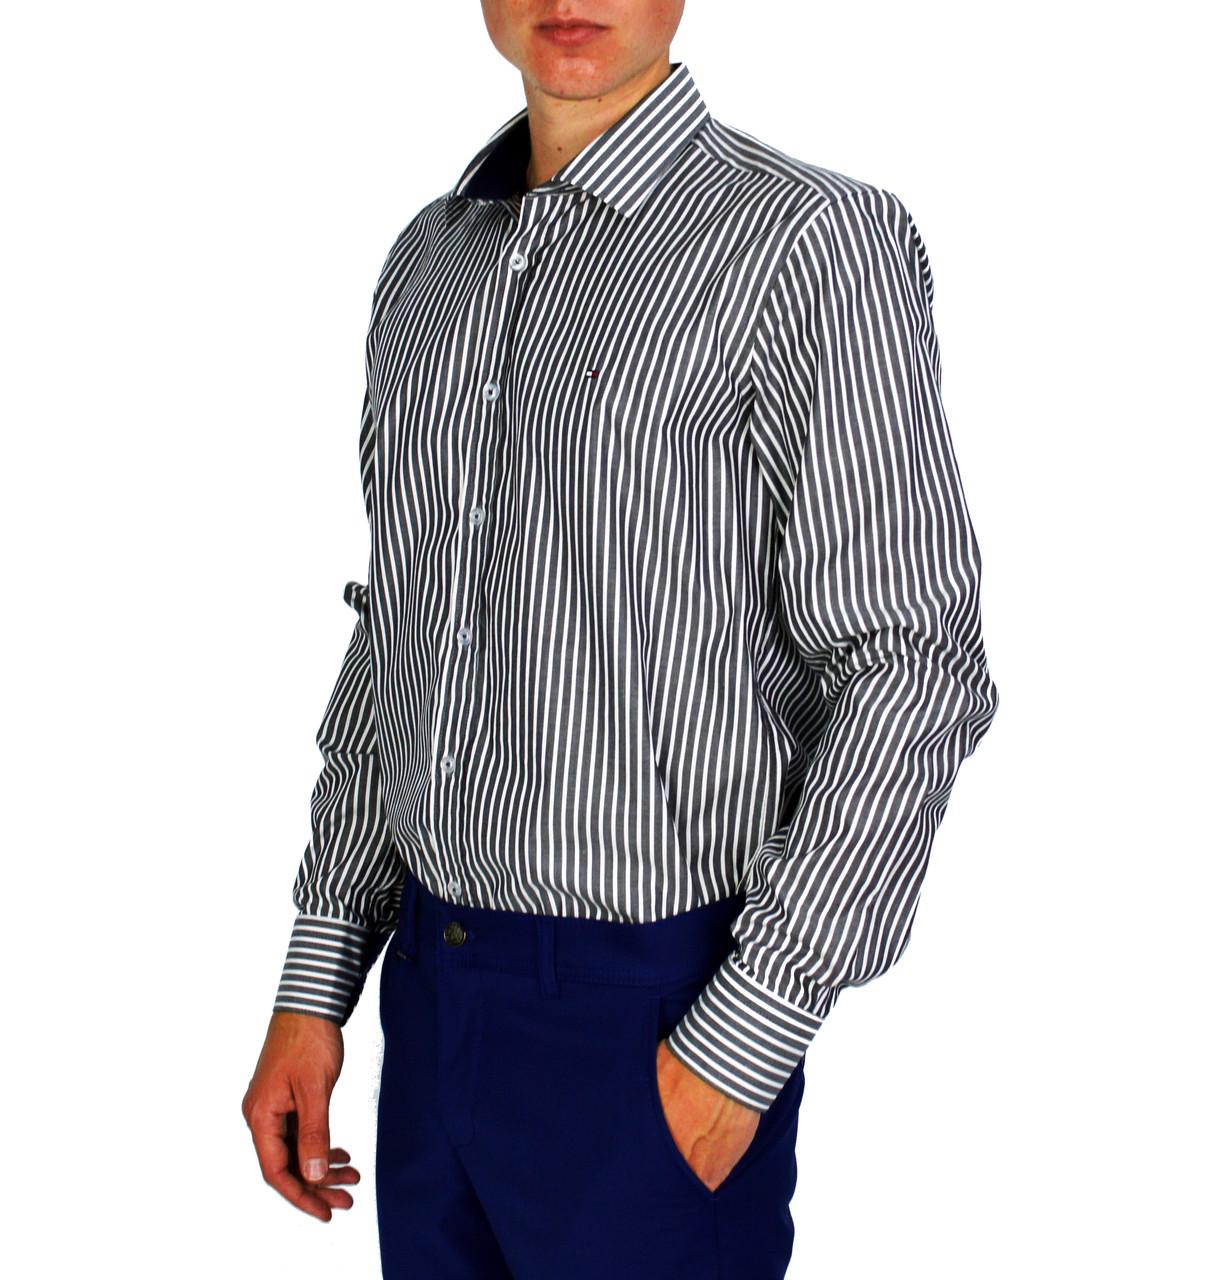 fe03e9a25c1 Полосатая мужская рубашка классическая TOMMY